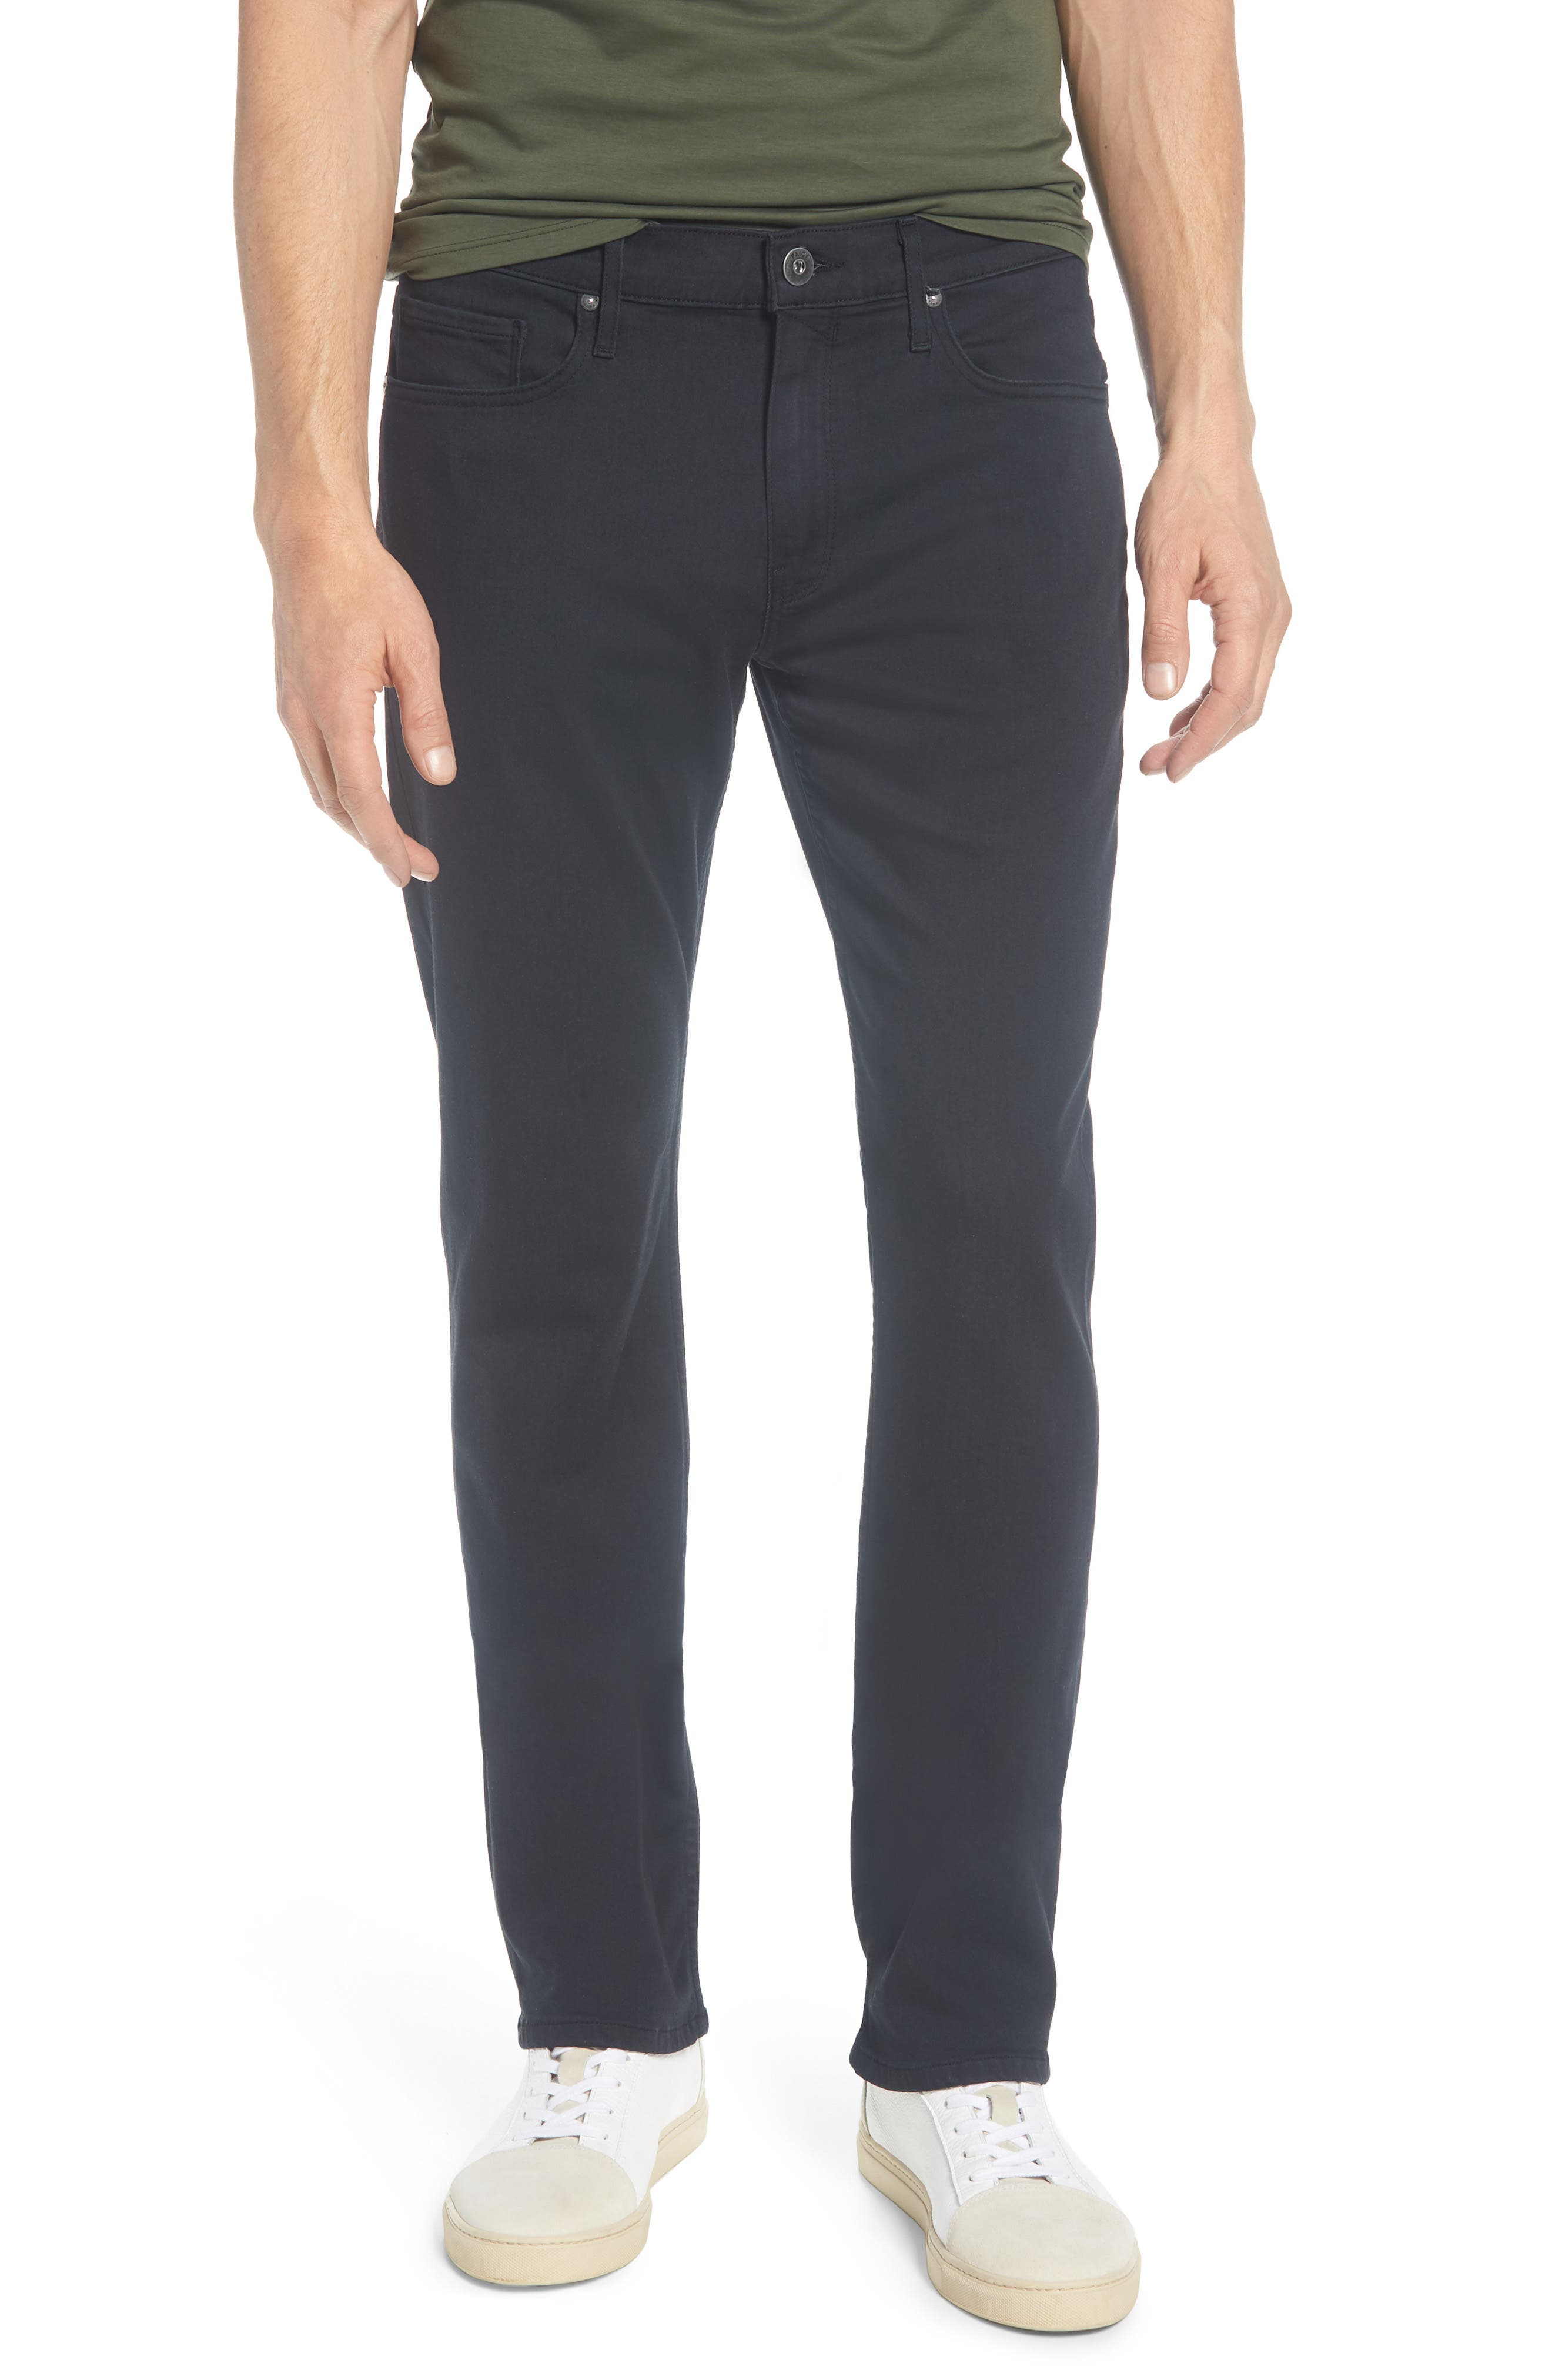 PAIGE Normandie Straight Leg Jeans, Main, color, 400